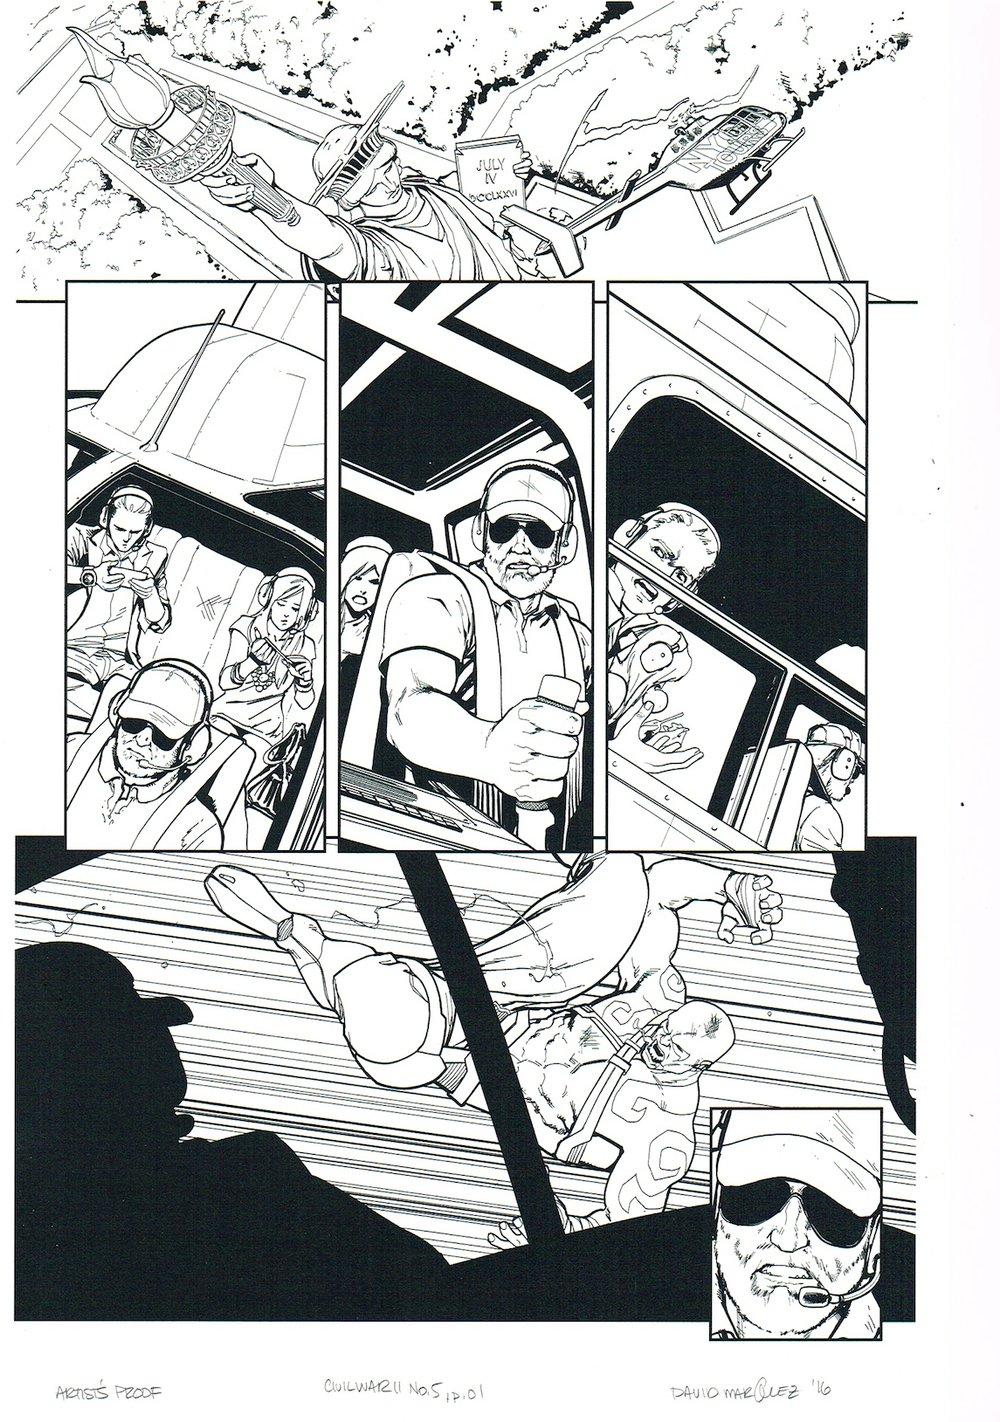 Image of CIVIL WAR II #5, p.01 ARTIST'S PROOF